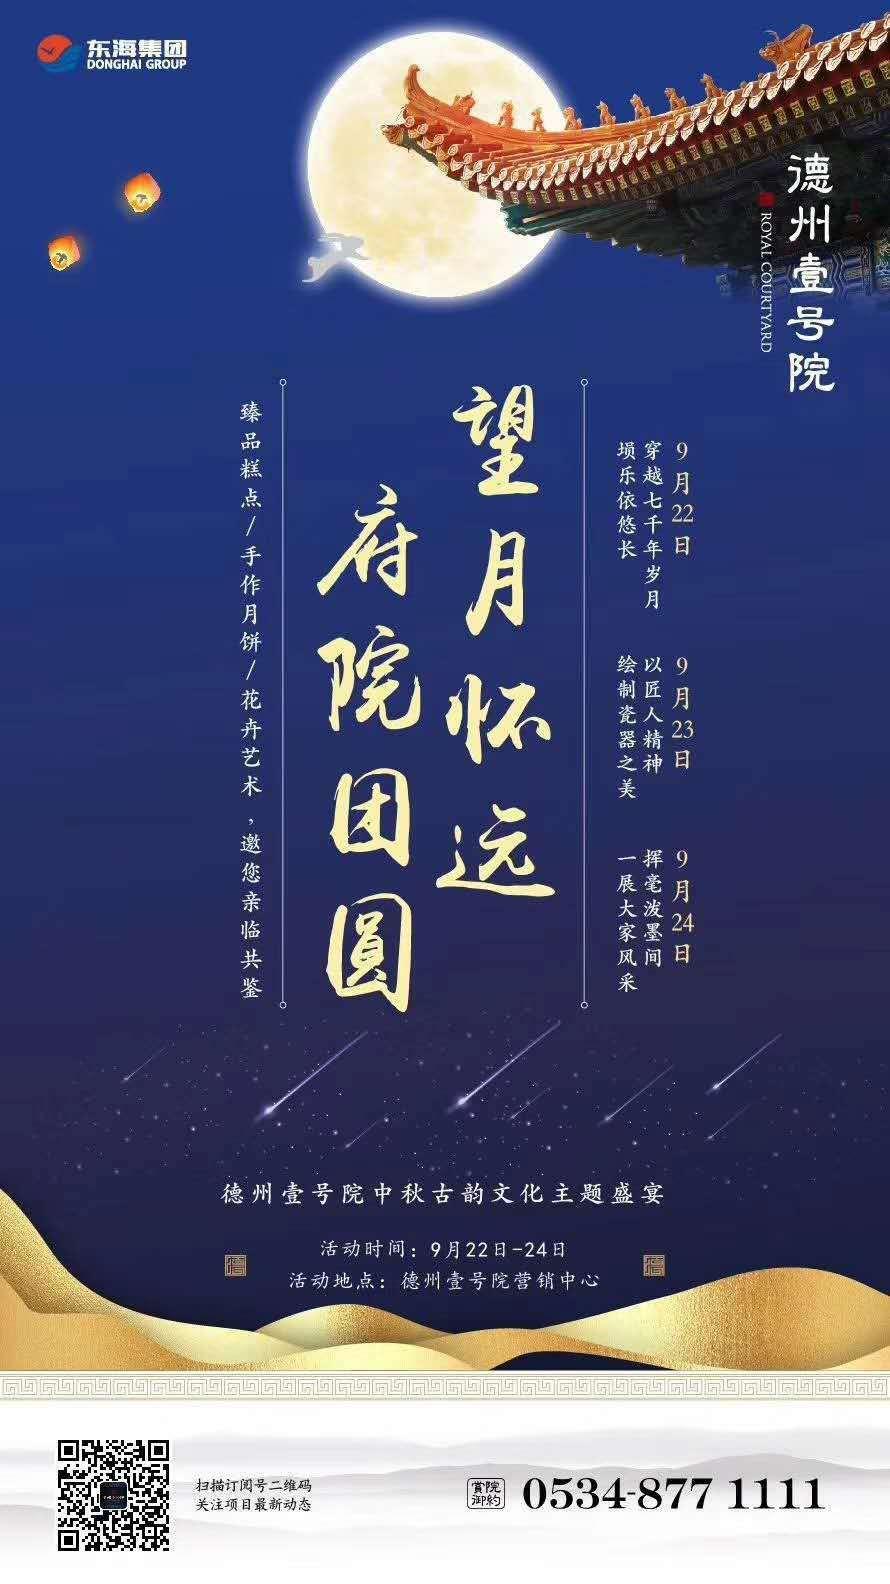 ▏德州壹号院▏古韵文化主题盛宴庆中秋